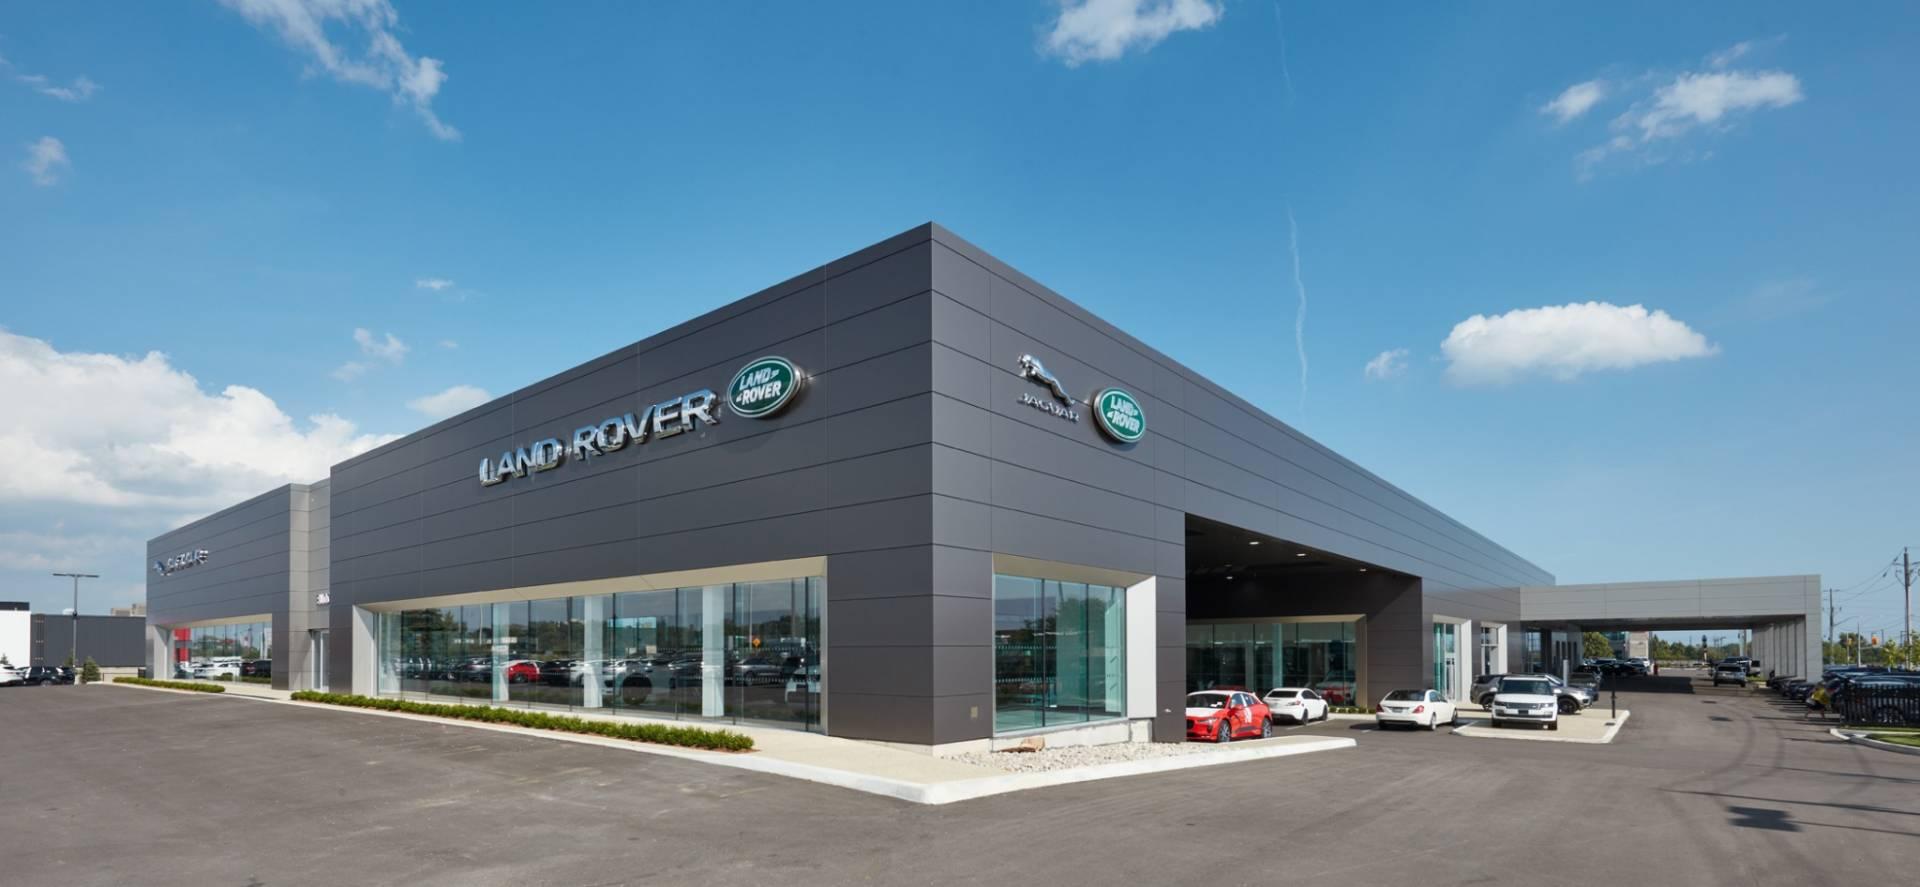 Land Rover Dealership >> Budds Jaguar And Land Rover Dealership Dorken Systems Inc